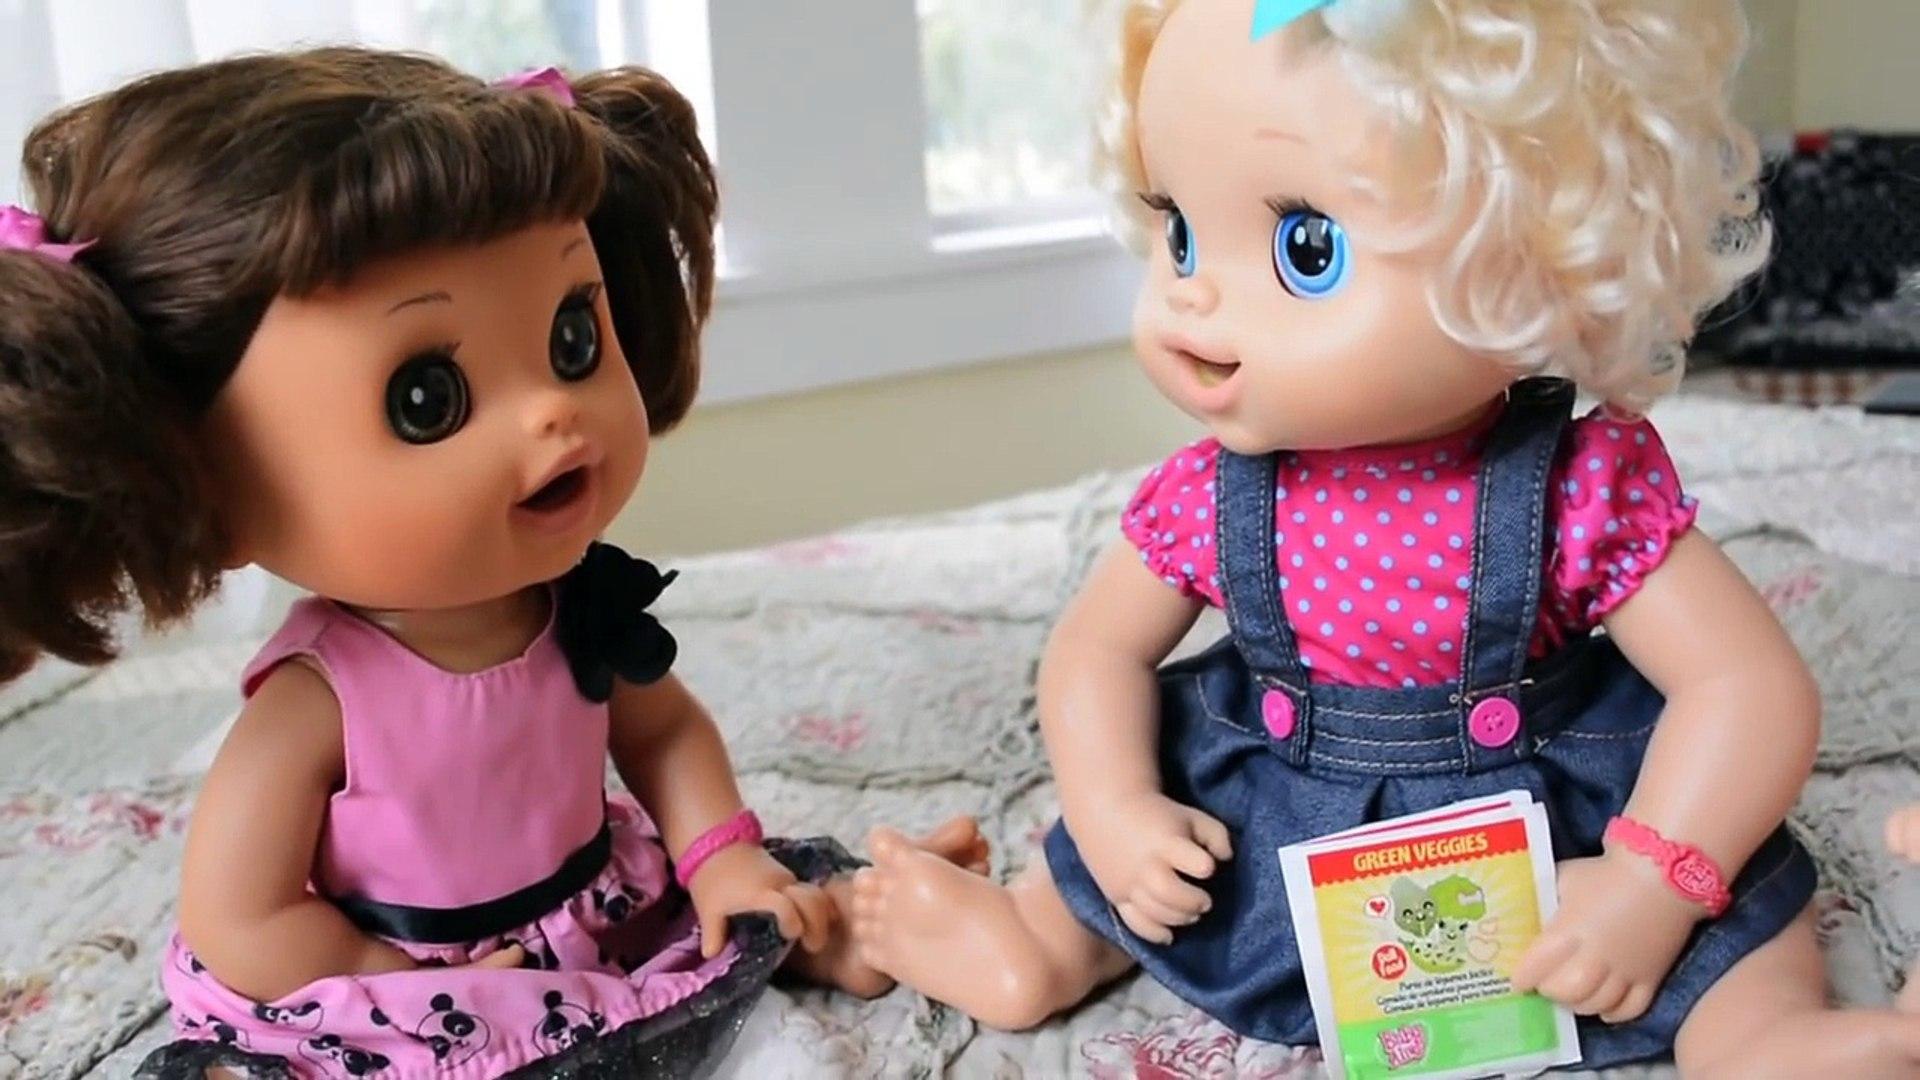 Живые все Детка ребенок сумка сумка подгузник прошло я я я и в в в в в мой Мы пакет что Куклы